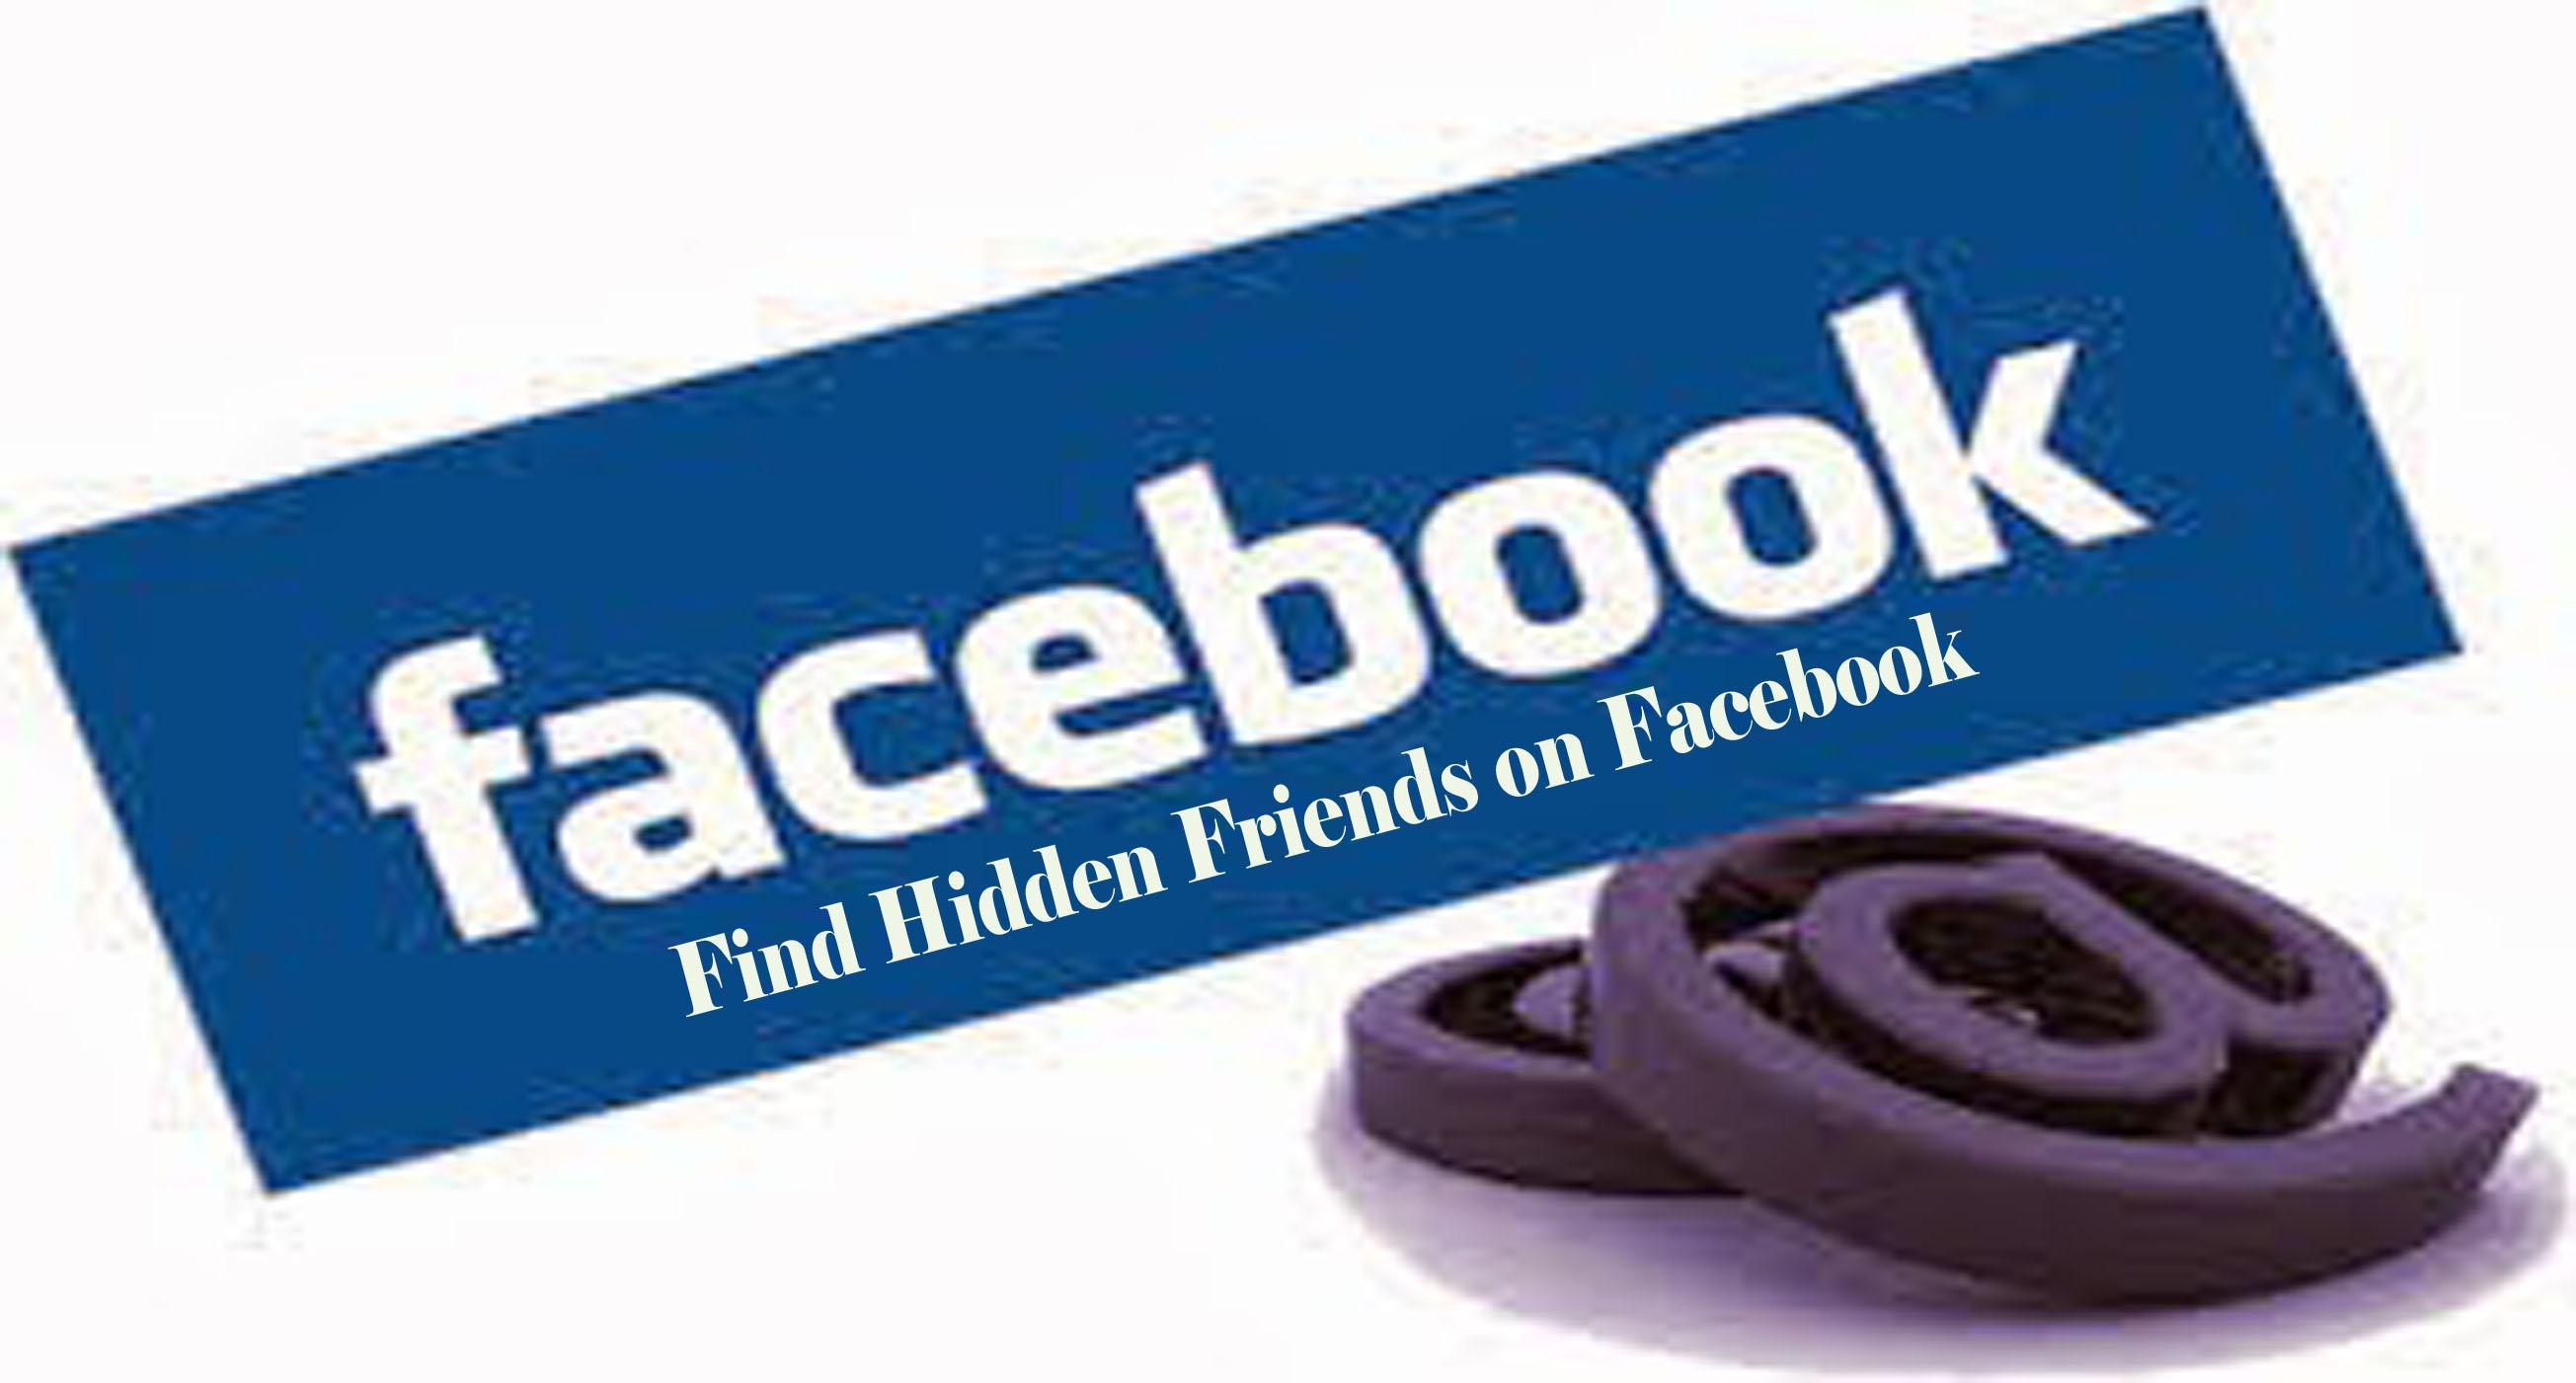 Find Hidden Friends on Facebook - Facebook Friends